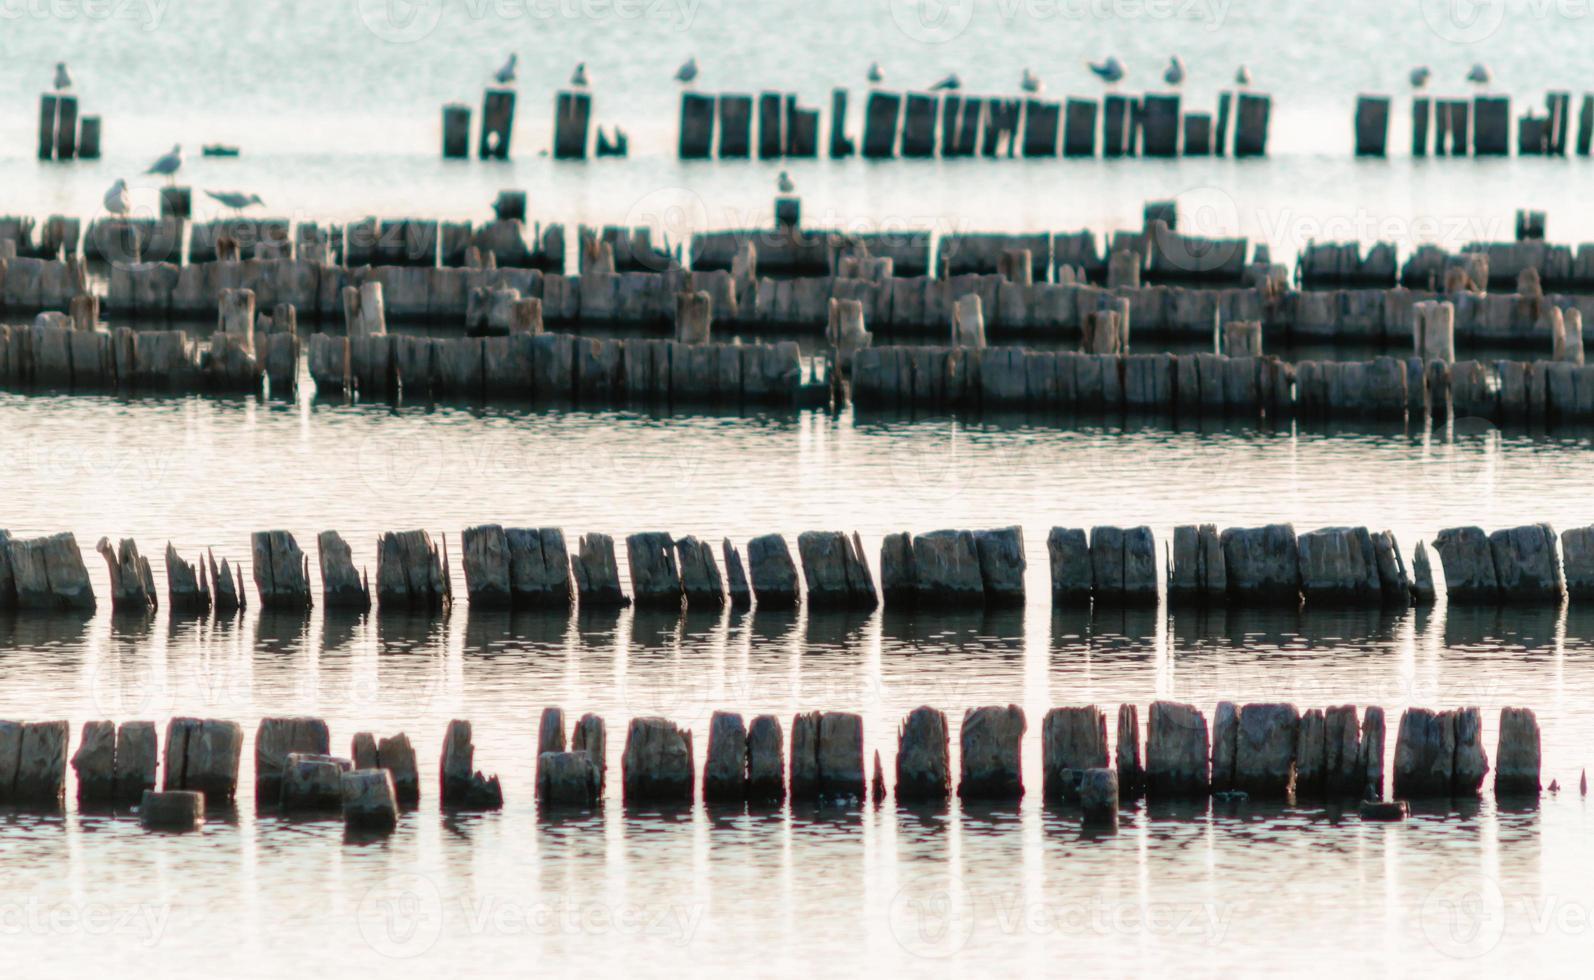 meeuwen op houten stronken in water foto